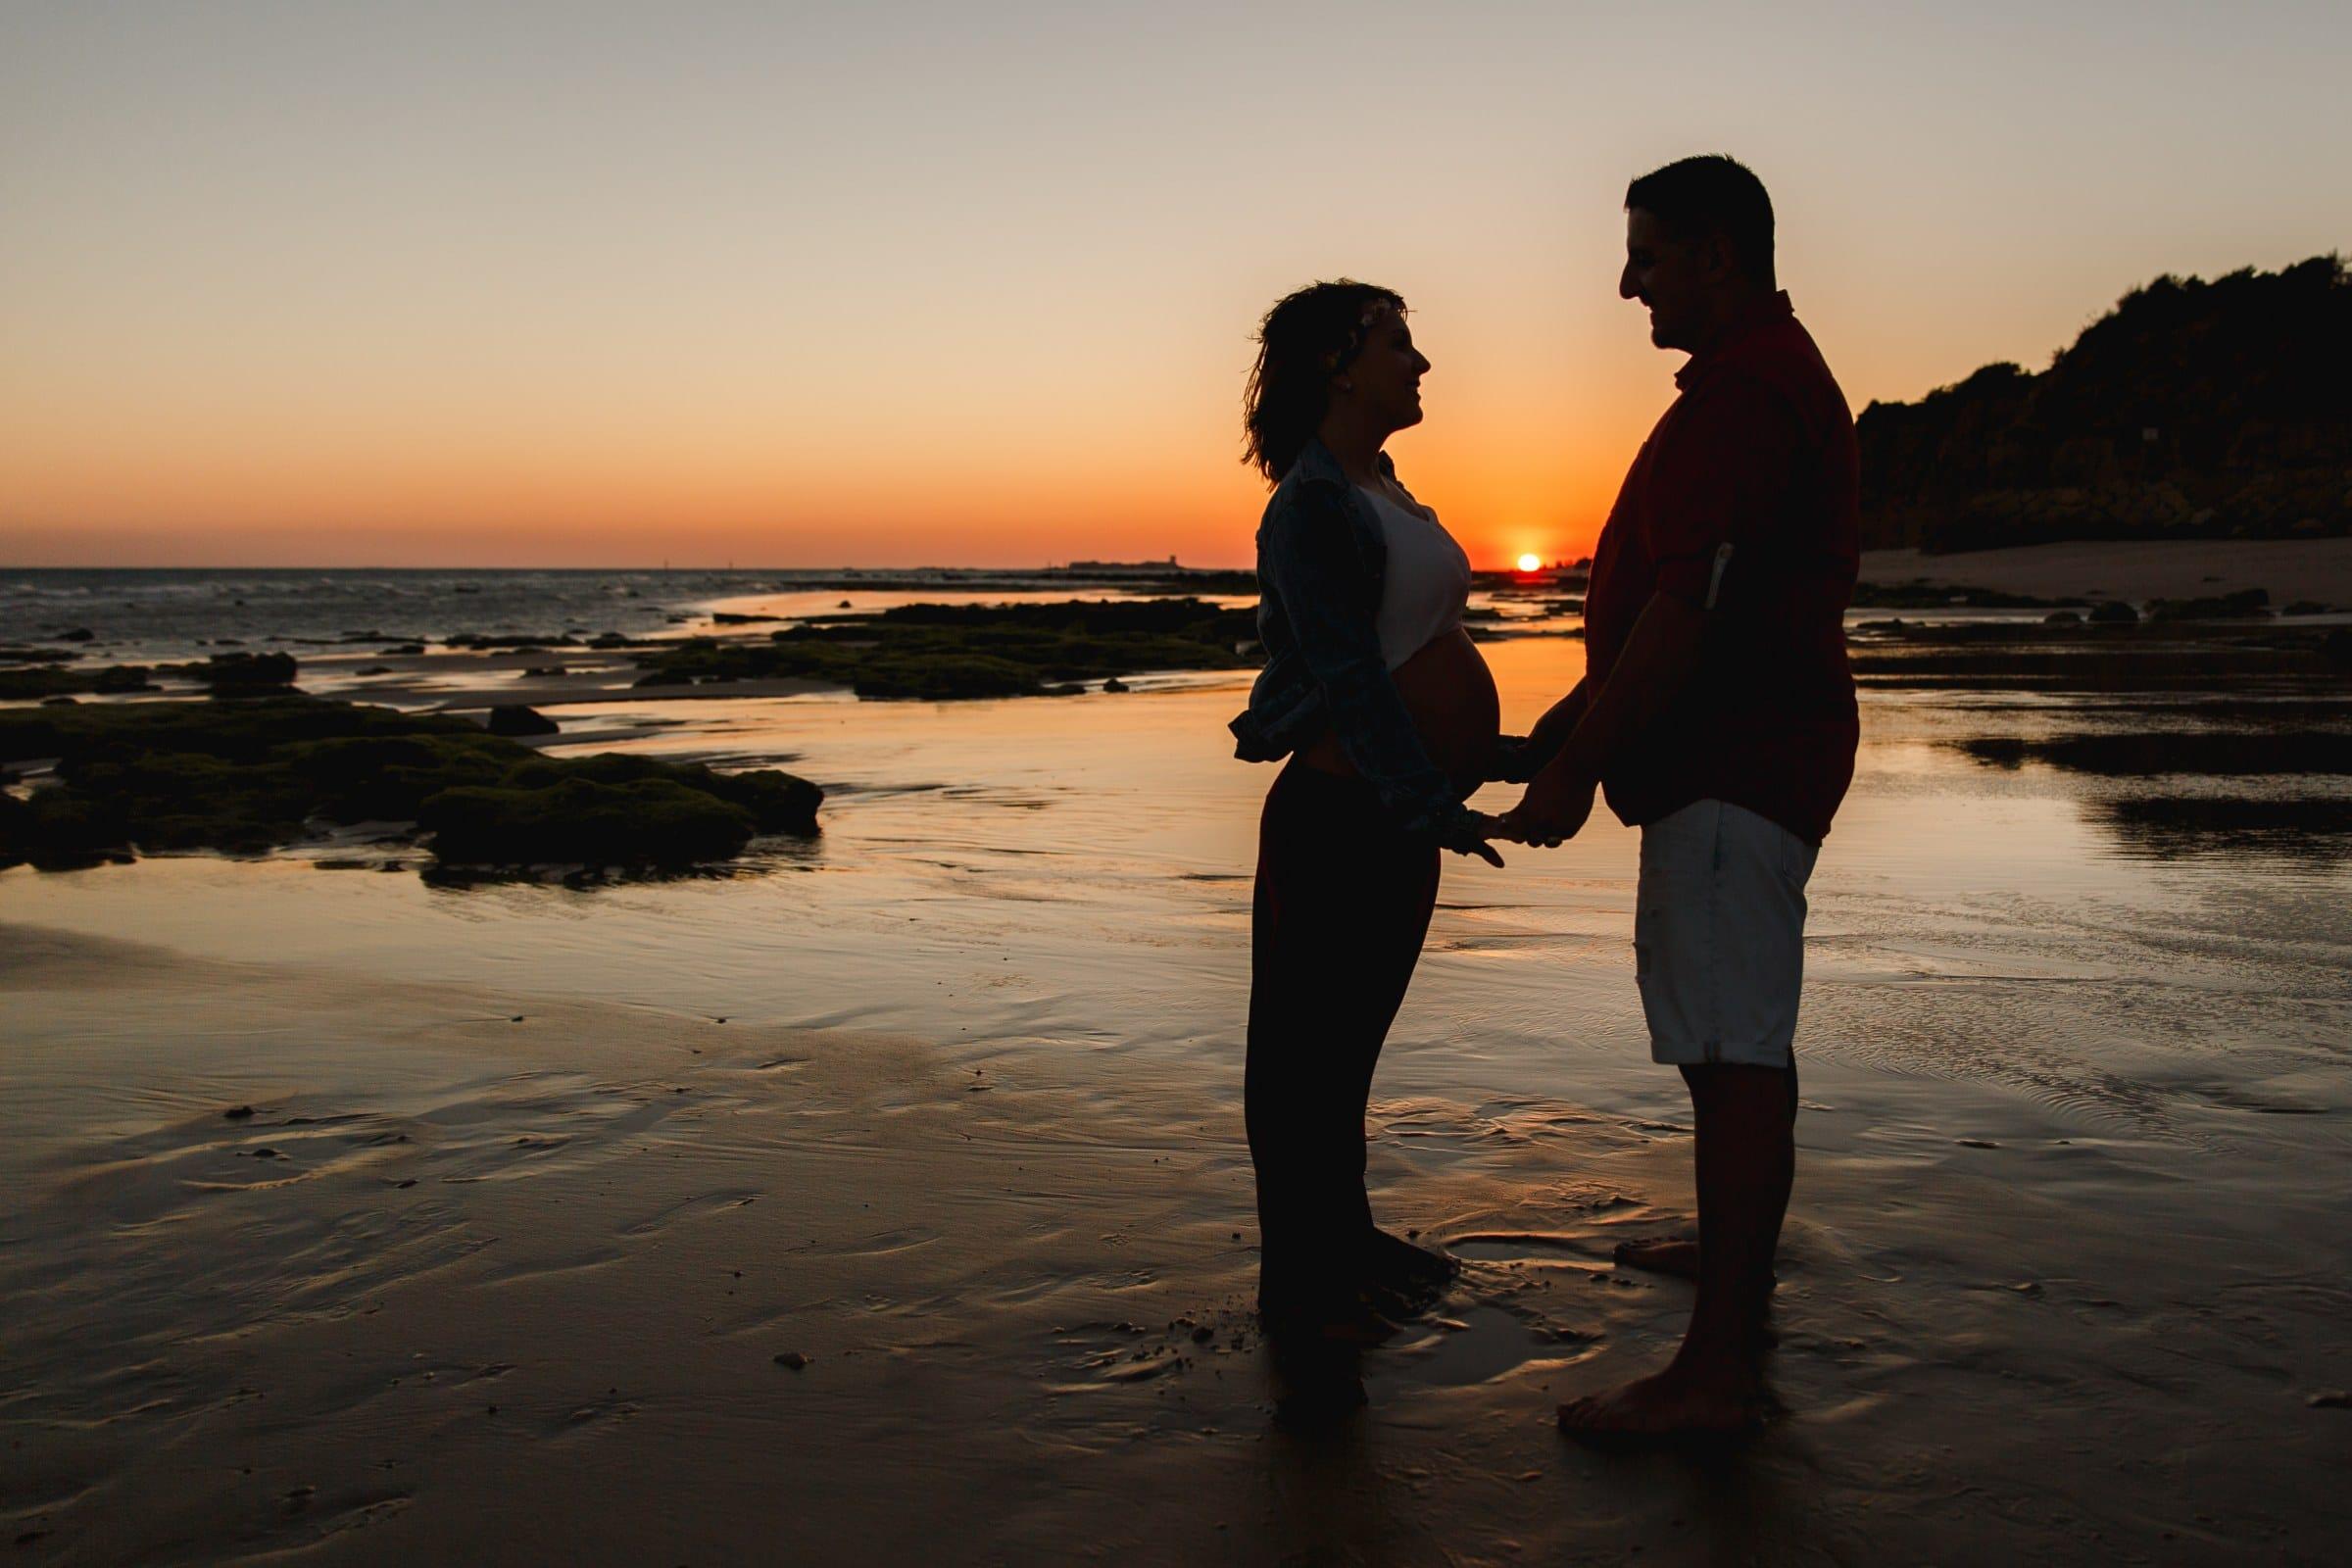 mujer embarazada y su marido en una sesión de fotos de embarazo en la playa a contraluz en el atardecer